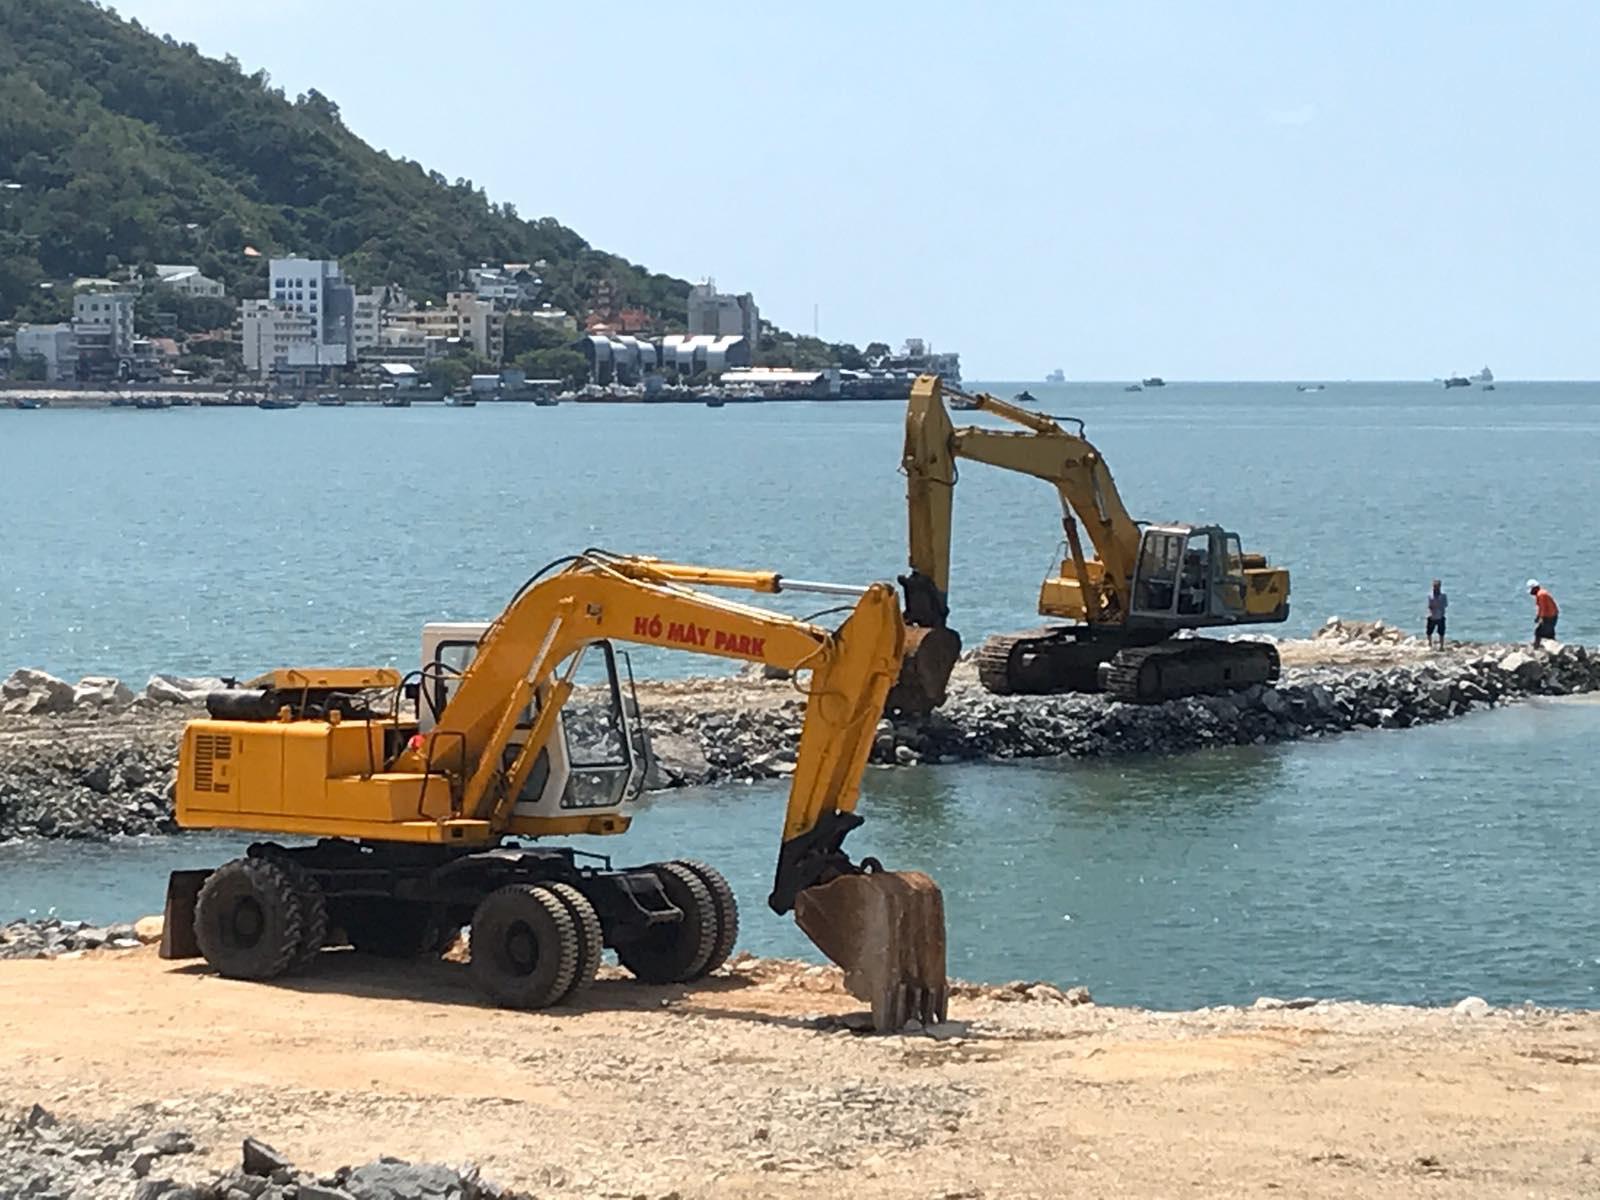 Dự án lấn biển từng gây tranh cãi: Vũng tàu cho phép tiếp tục nhưng không xây tòa nhà 23 tầng - Ảnh 1.